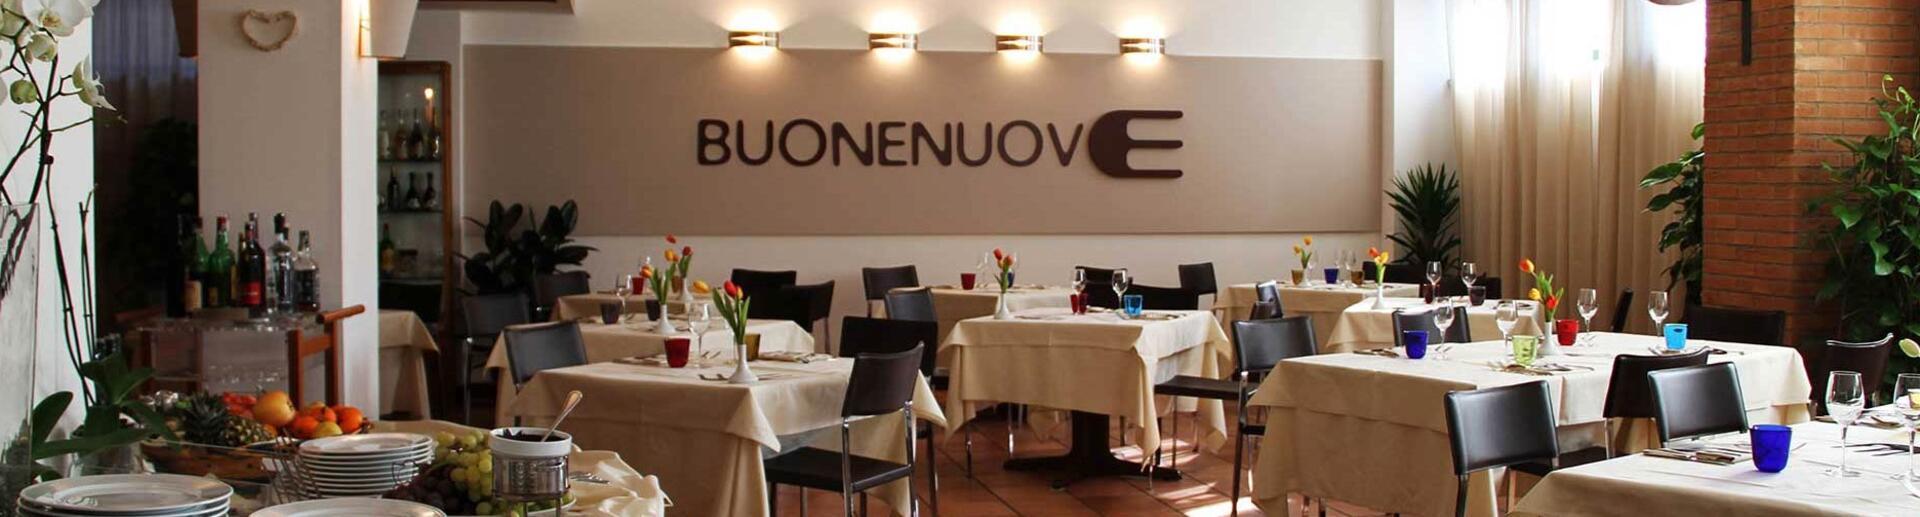 chocohotel it ristorante-buonenuove-perugia 012